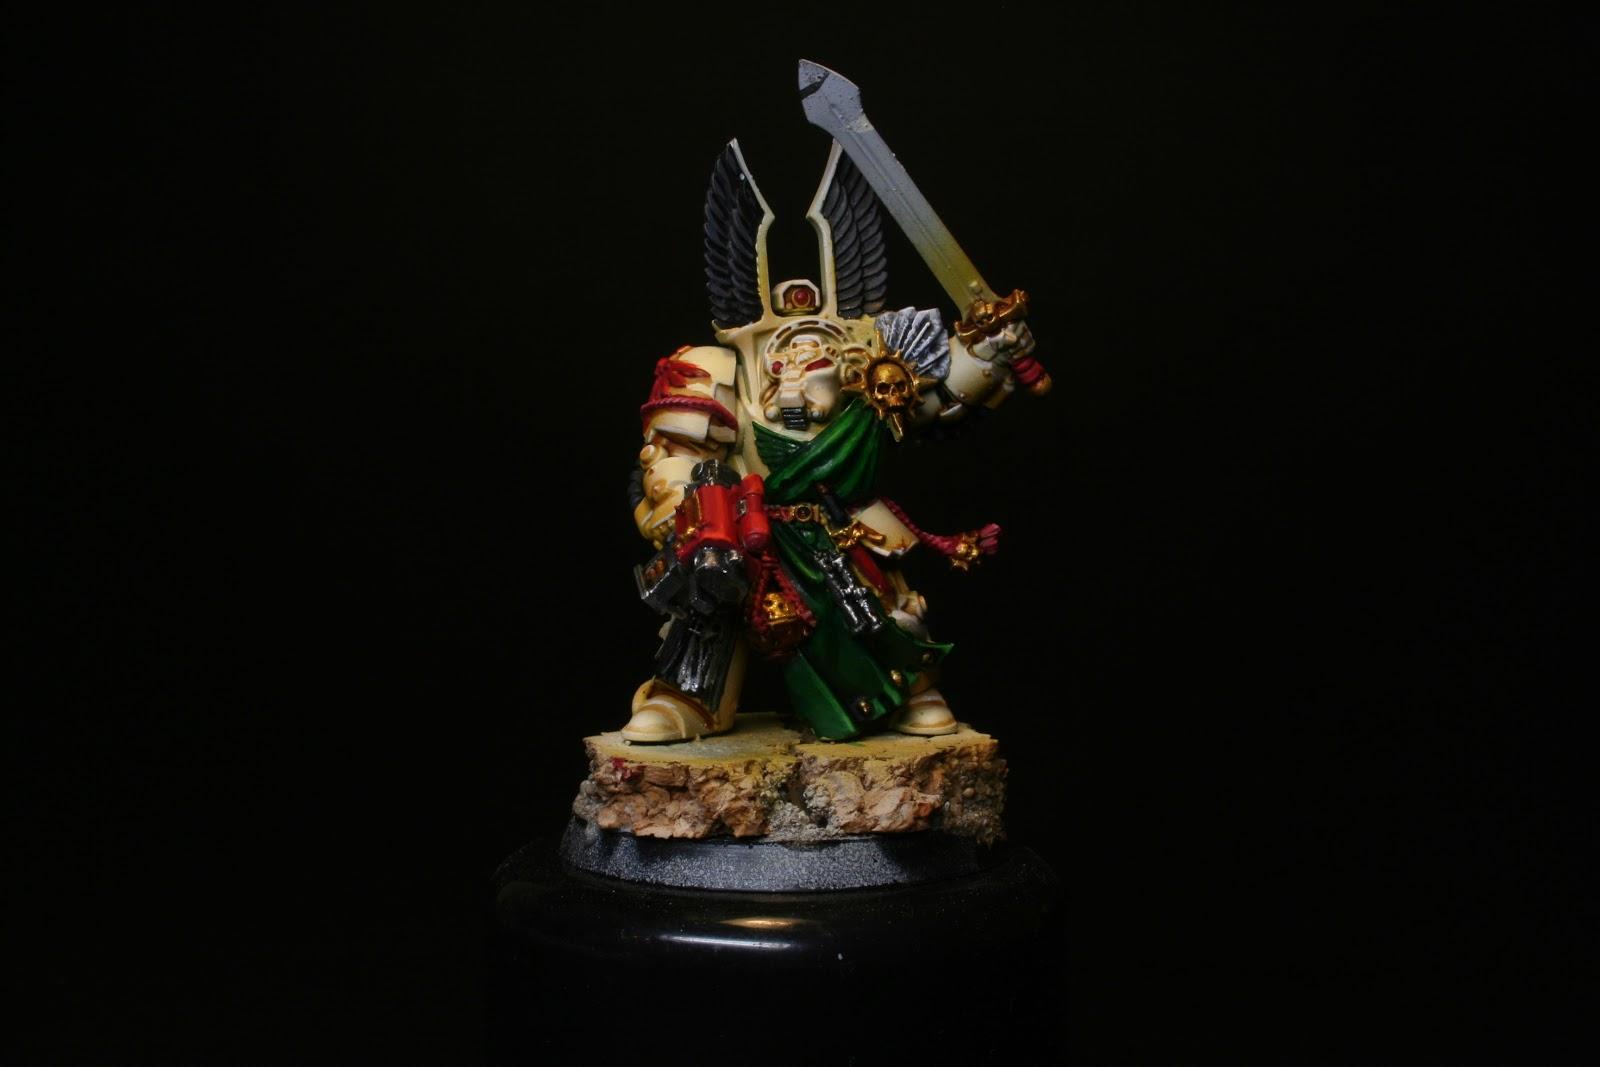 Luces en los rojos en los exterminador de los Ángeles Oscuros de la caja de Warhammer: Venganza Oscura